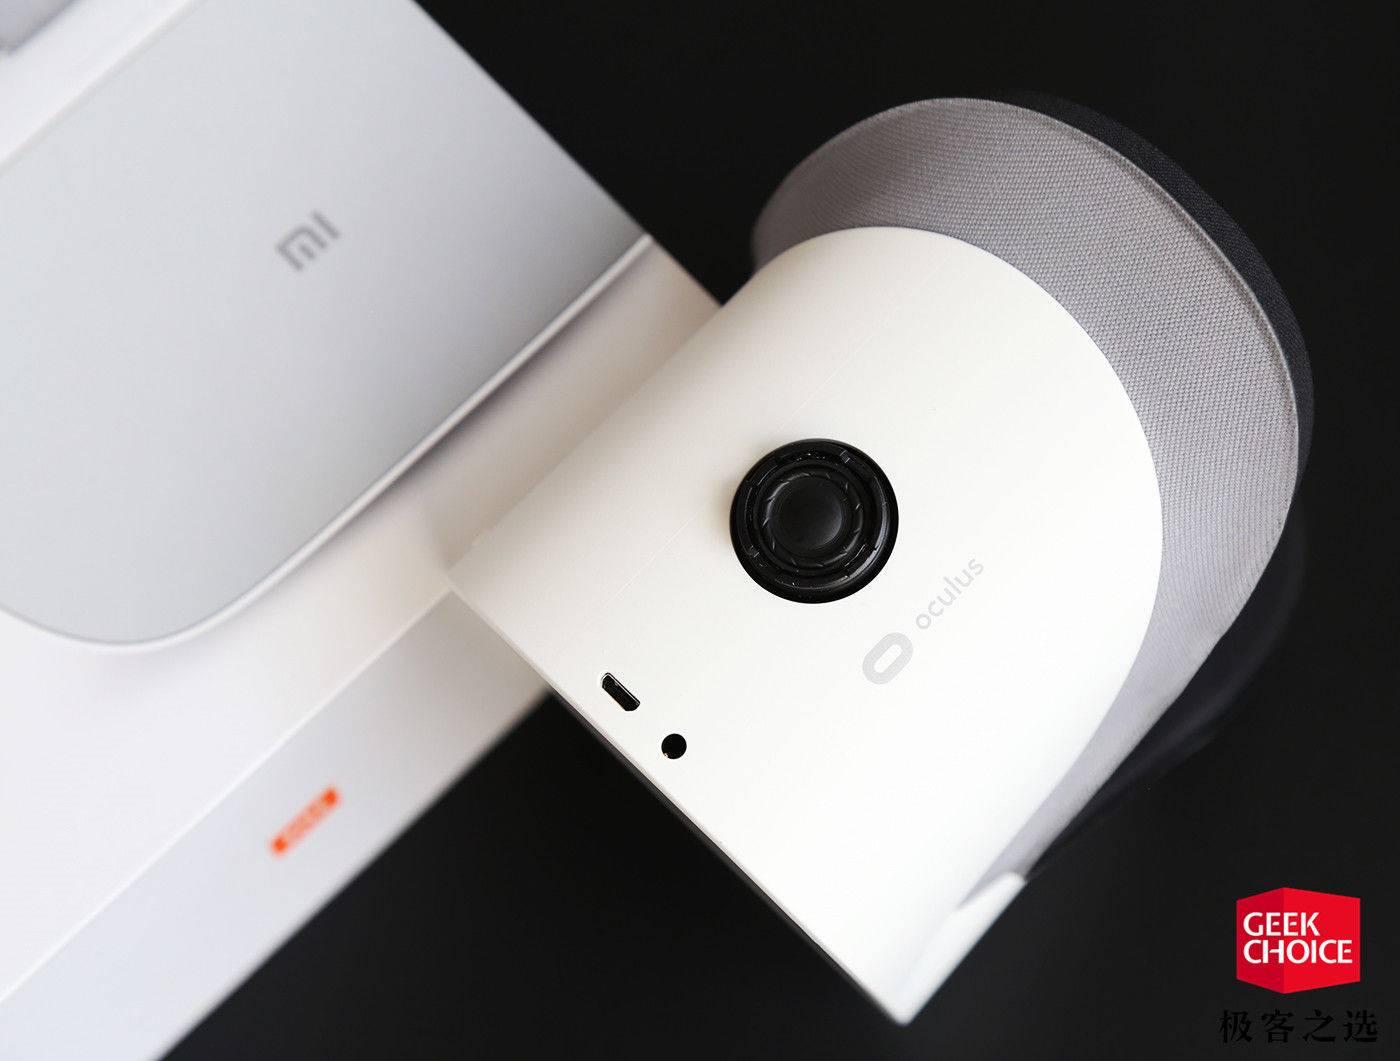 小米VR一体机体验:它可能是目前最具性价比的VR一体机